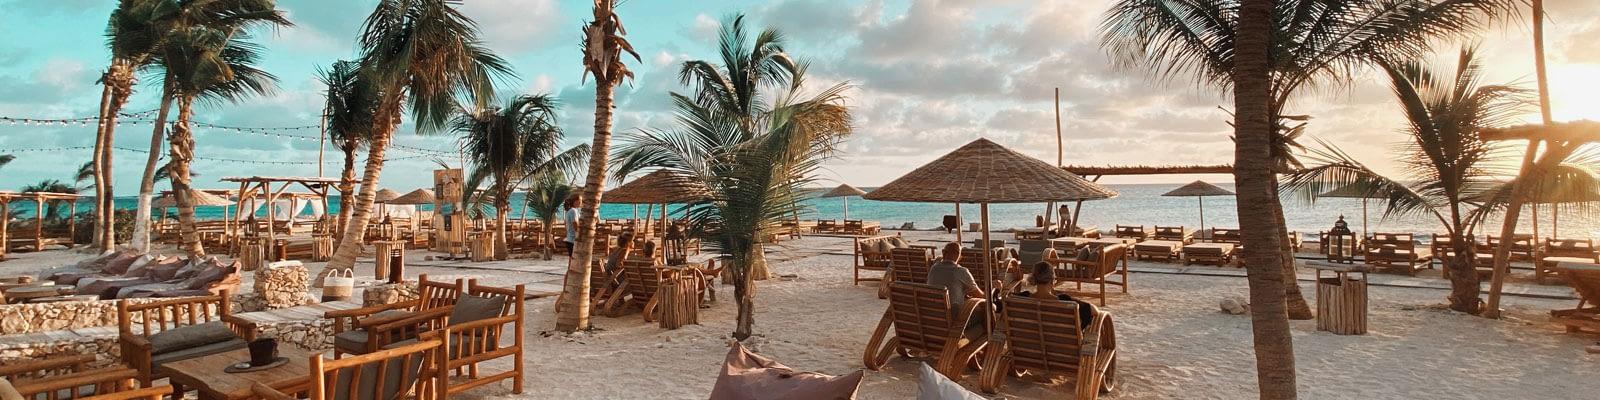 ocean-oasis-restaurant-bonaire-slider-5